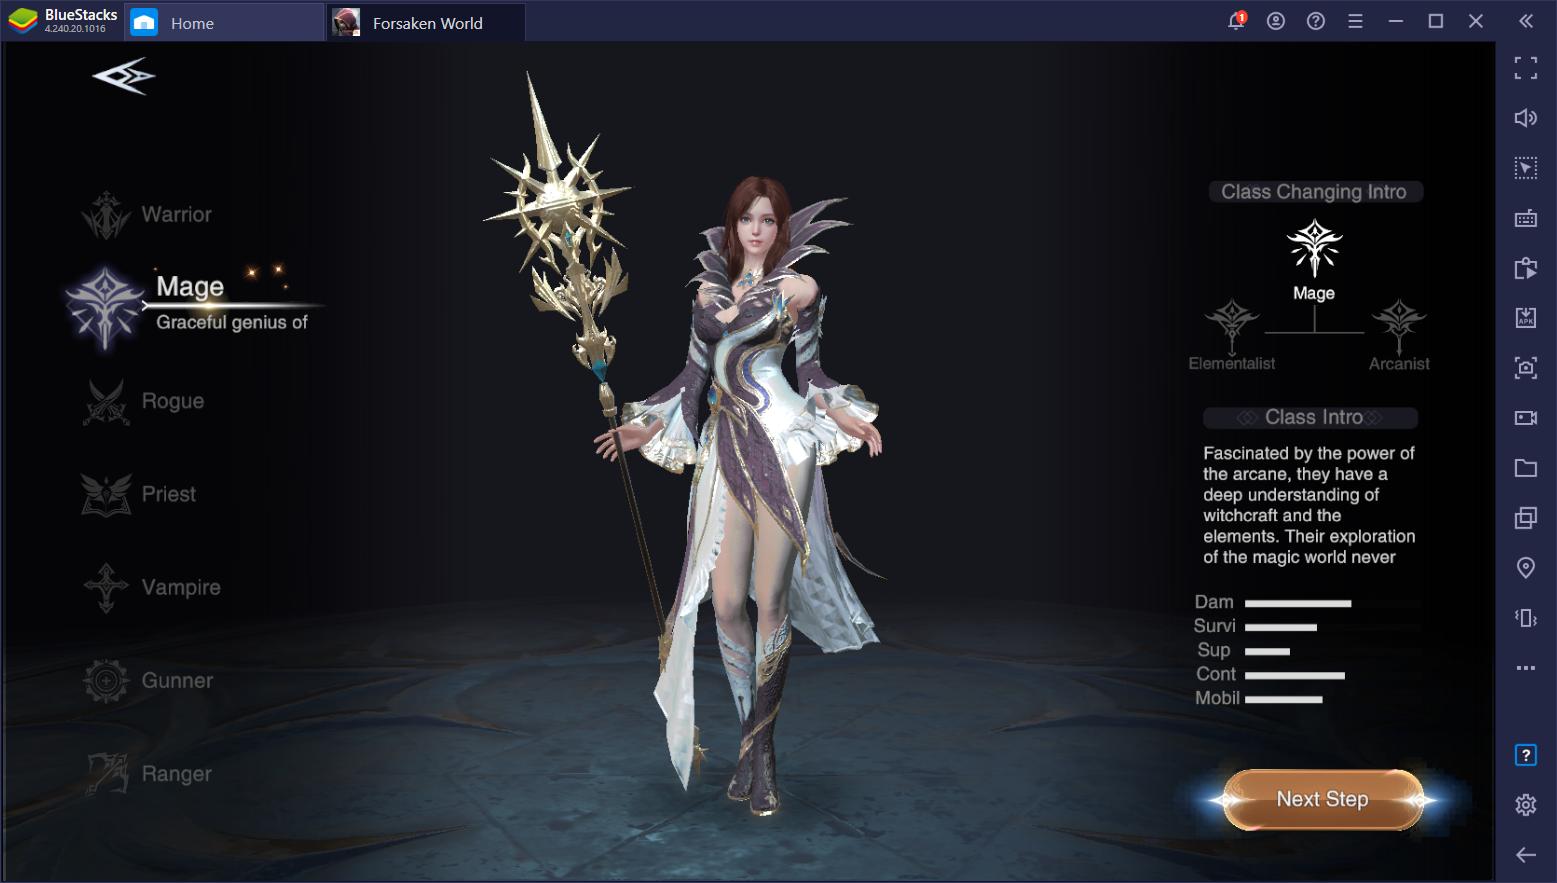 Cara Download dan Main MMORPG Forsaken World: Gods and Demons Dengan Menggunakan BlueStacks